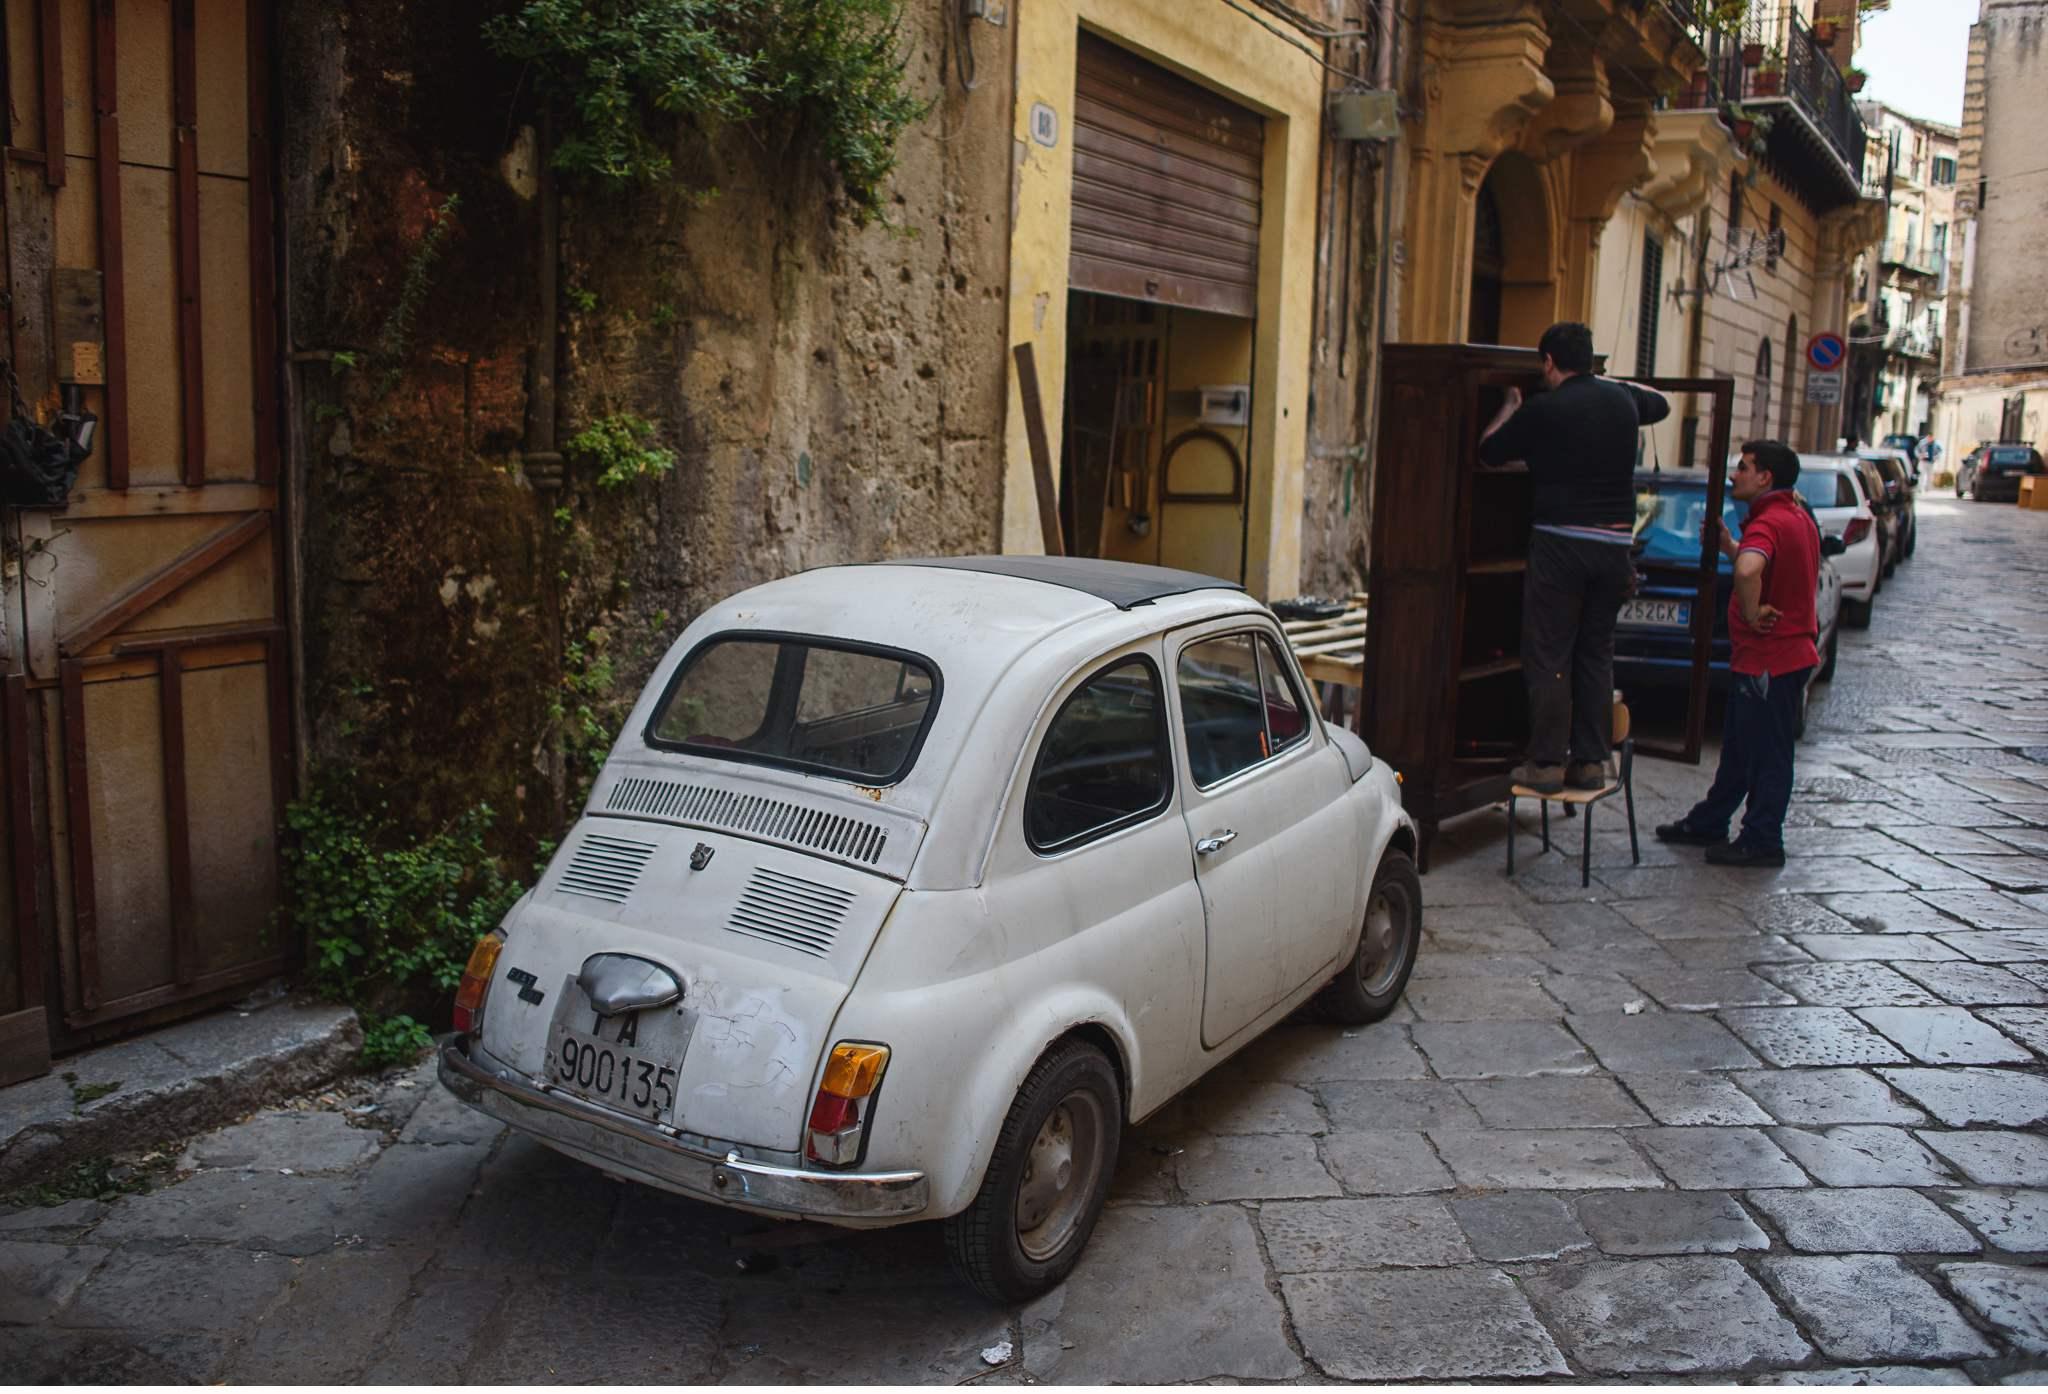 Palermo - visit Palermo - Italien - By Daniel Kempf-Seifried - Geschichten von unterwegs-77